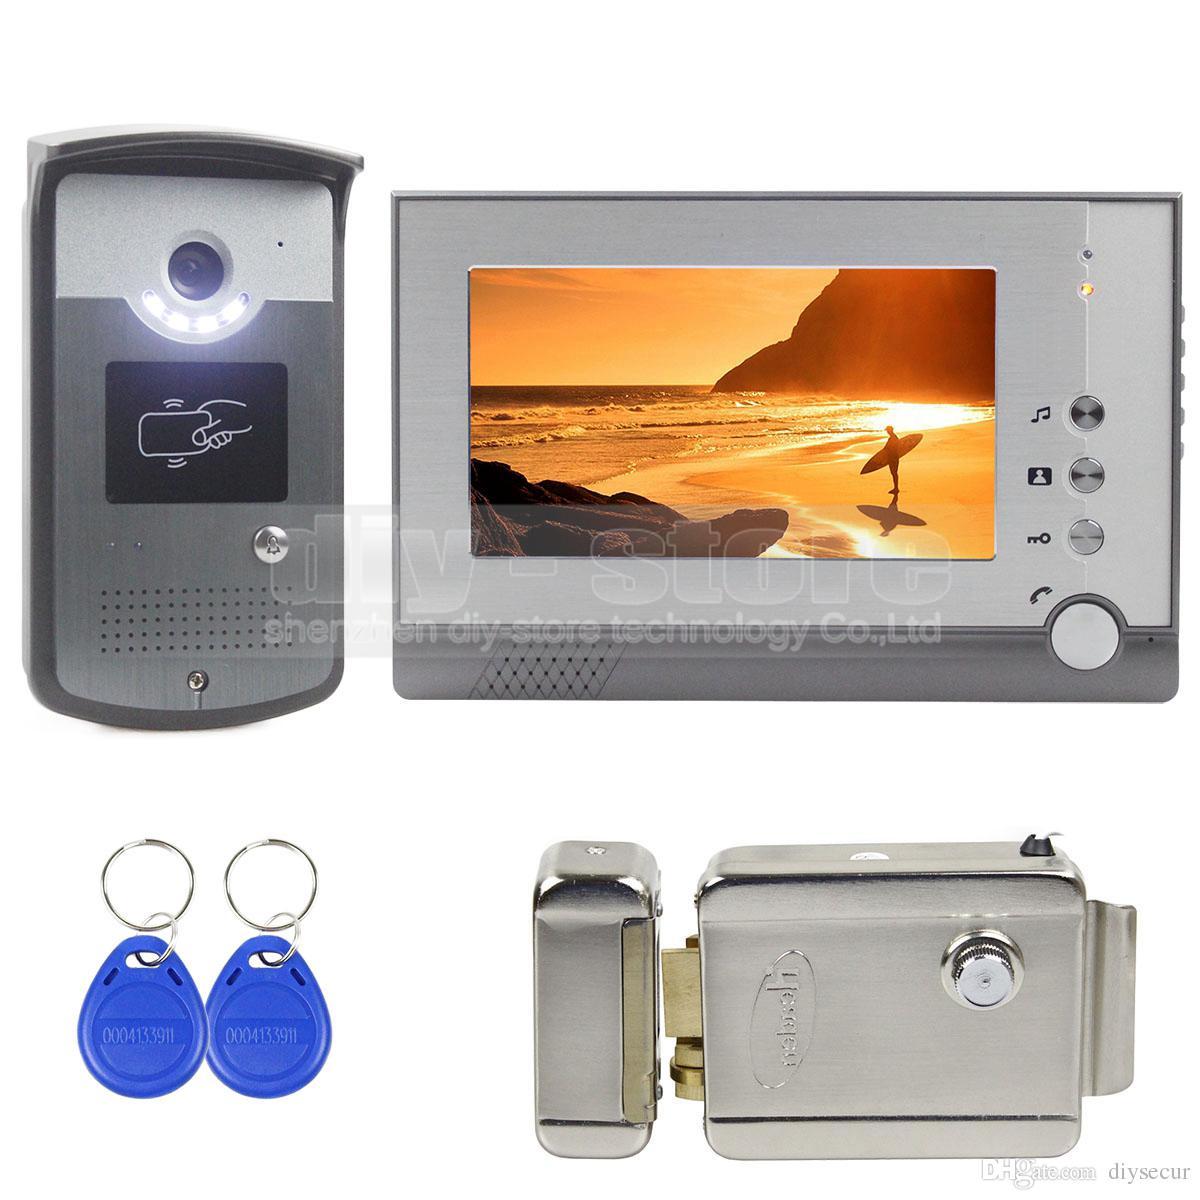 2 monitores interfono con 7 pulgadas 1 c/ámara para casa unifamiliar Sistema de intercomunicador con timbre de videoportero visi/ón nocturna c/ámara infrarroja TFT-LCD en color de bloqueo el/éctrico